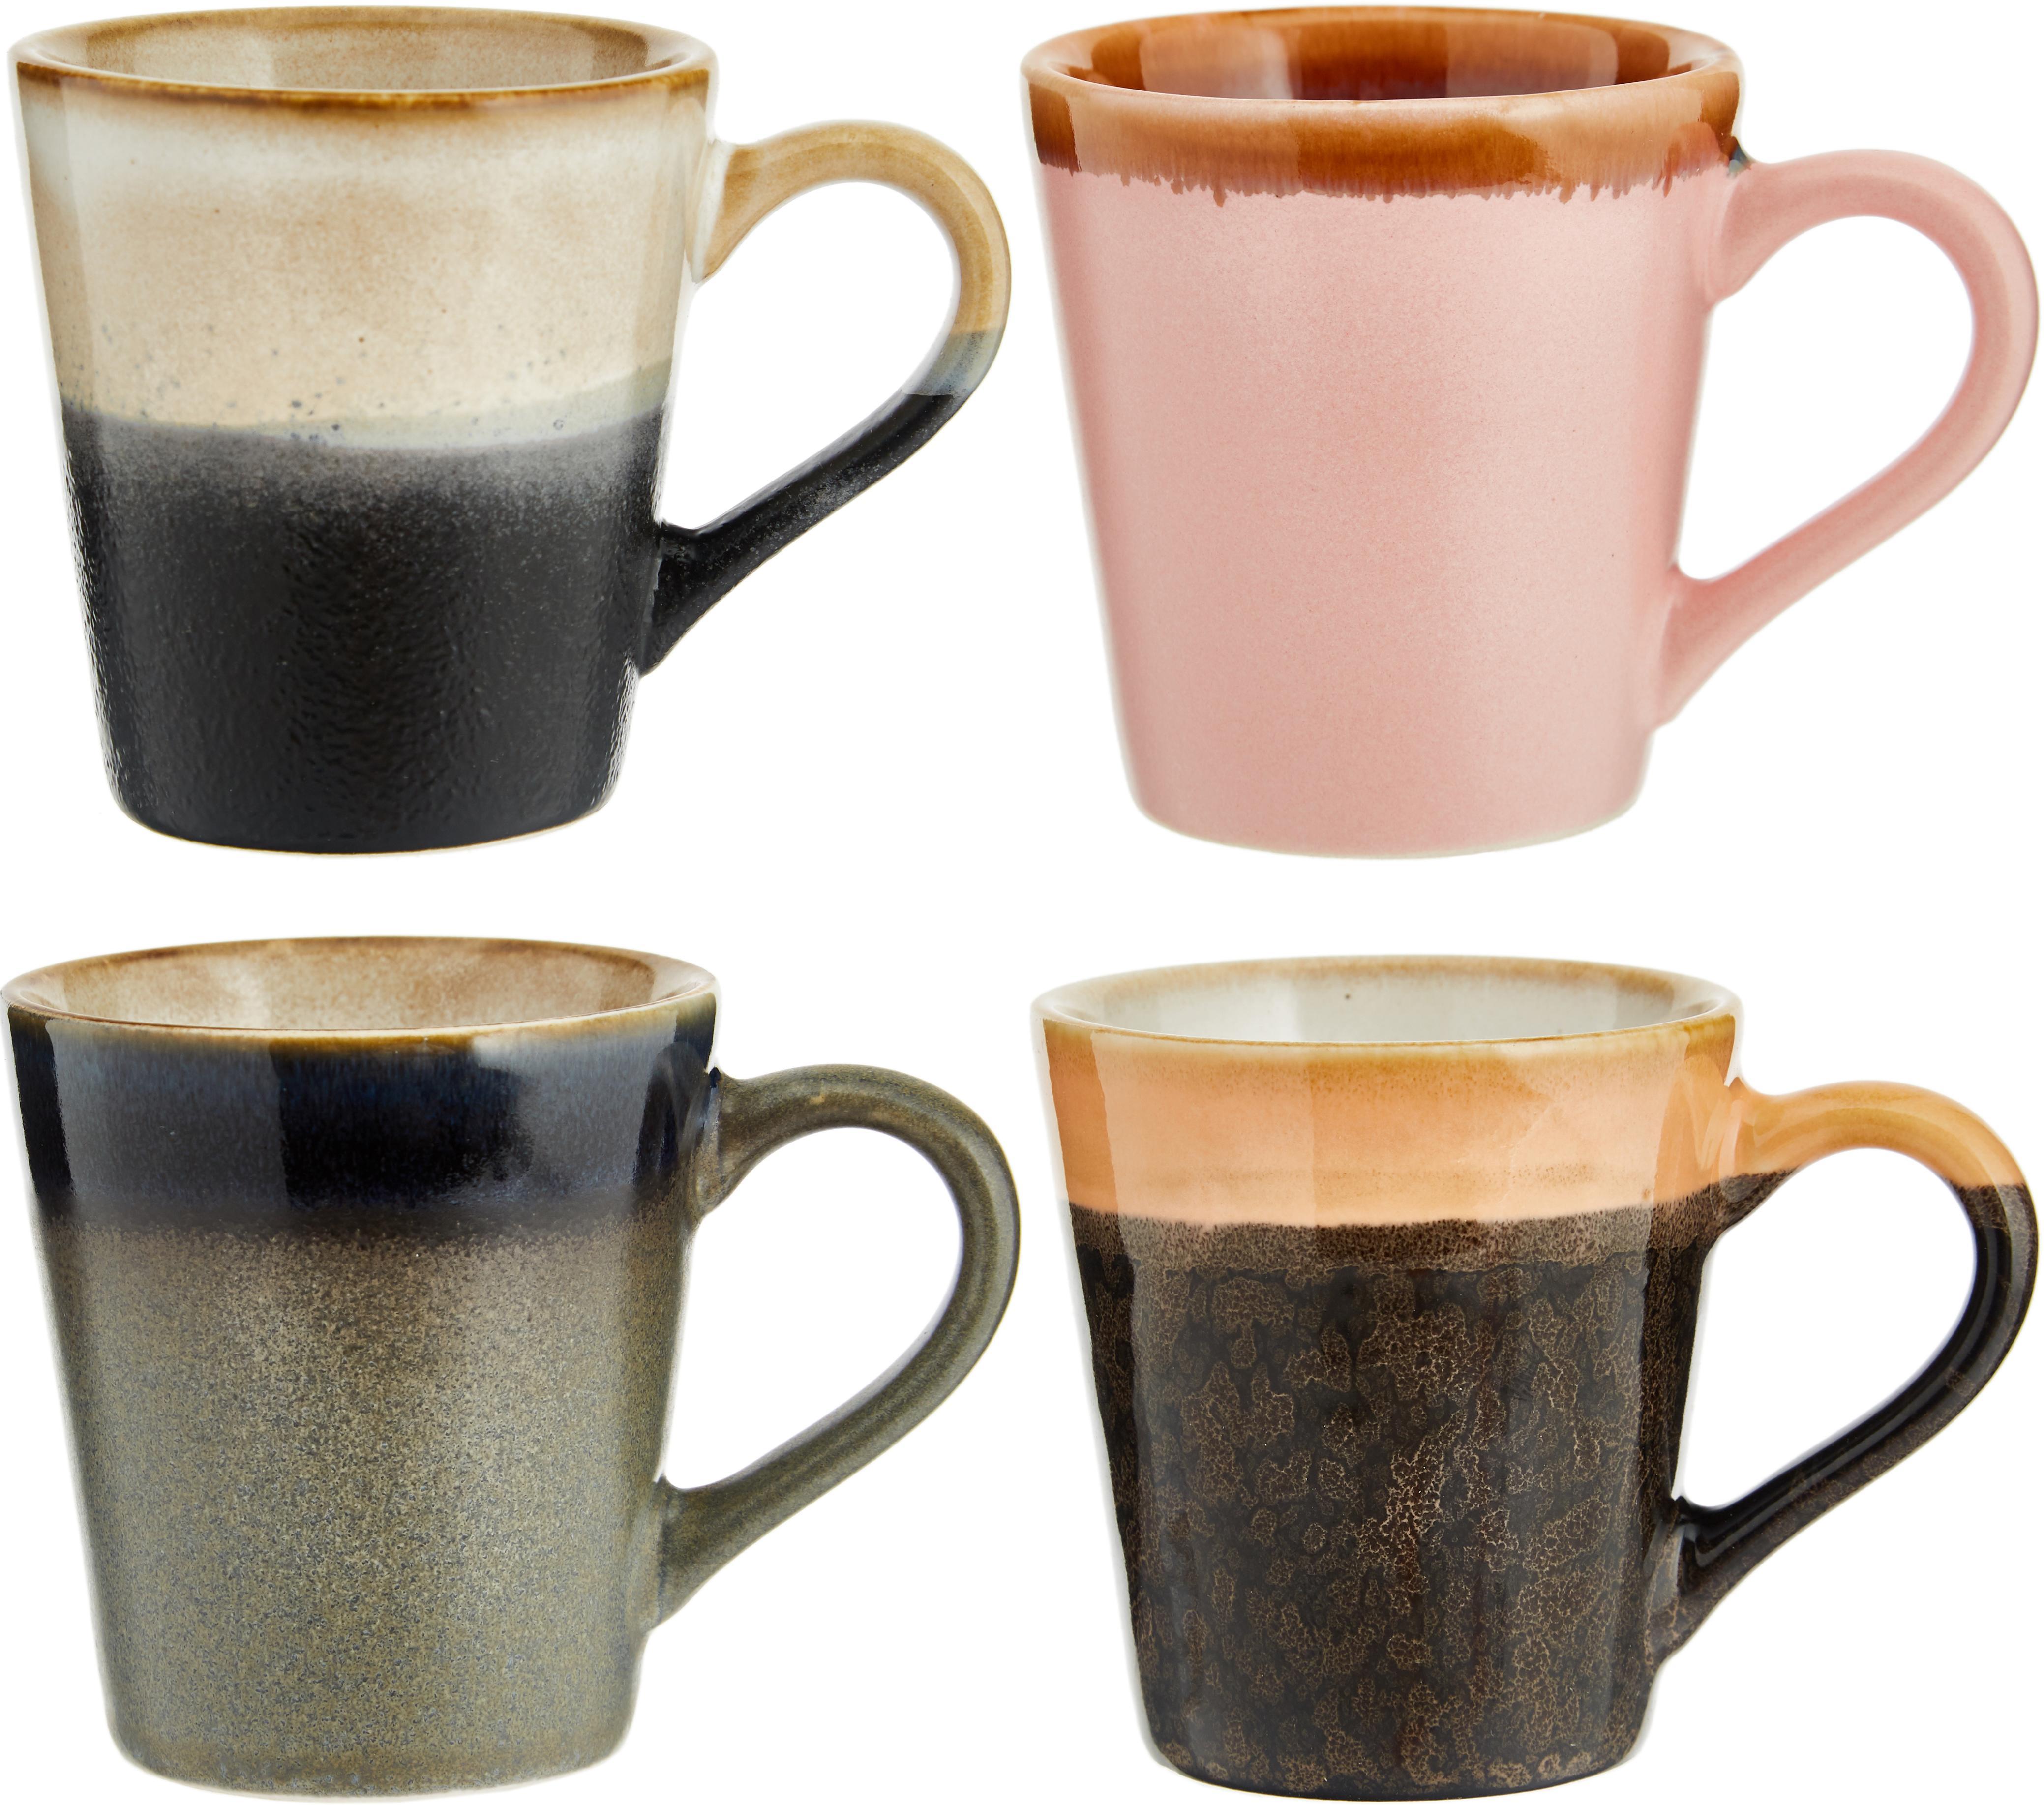 Handgemaakte espressokopjesset 70's, 4-delig, Keramiek, Roze, grijs, blauw, Ø 6 x H 6 cm